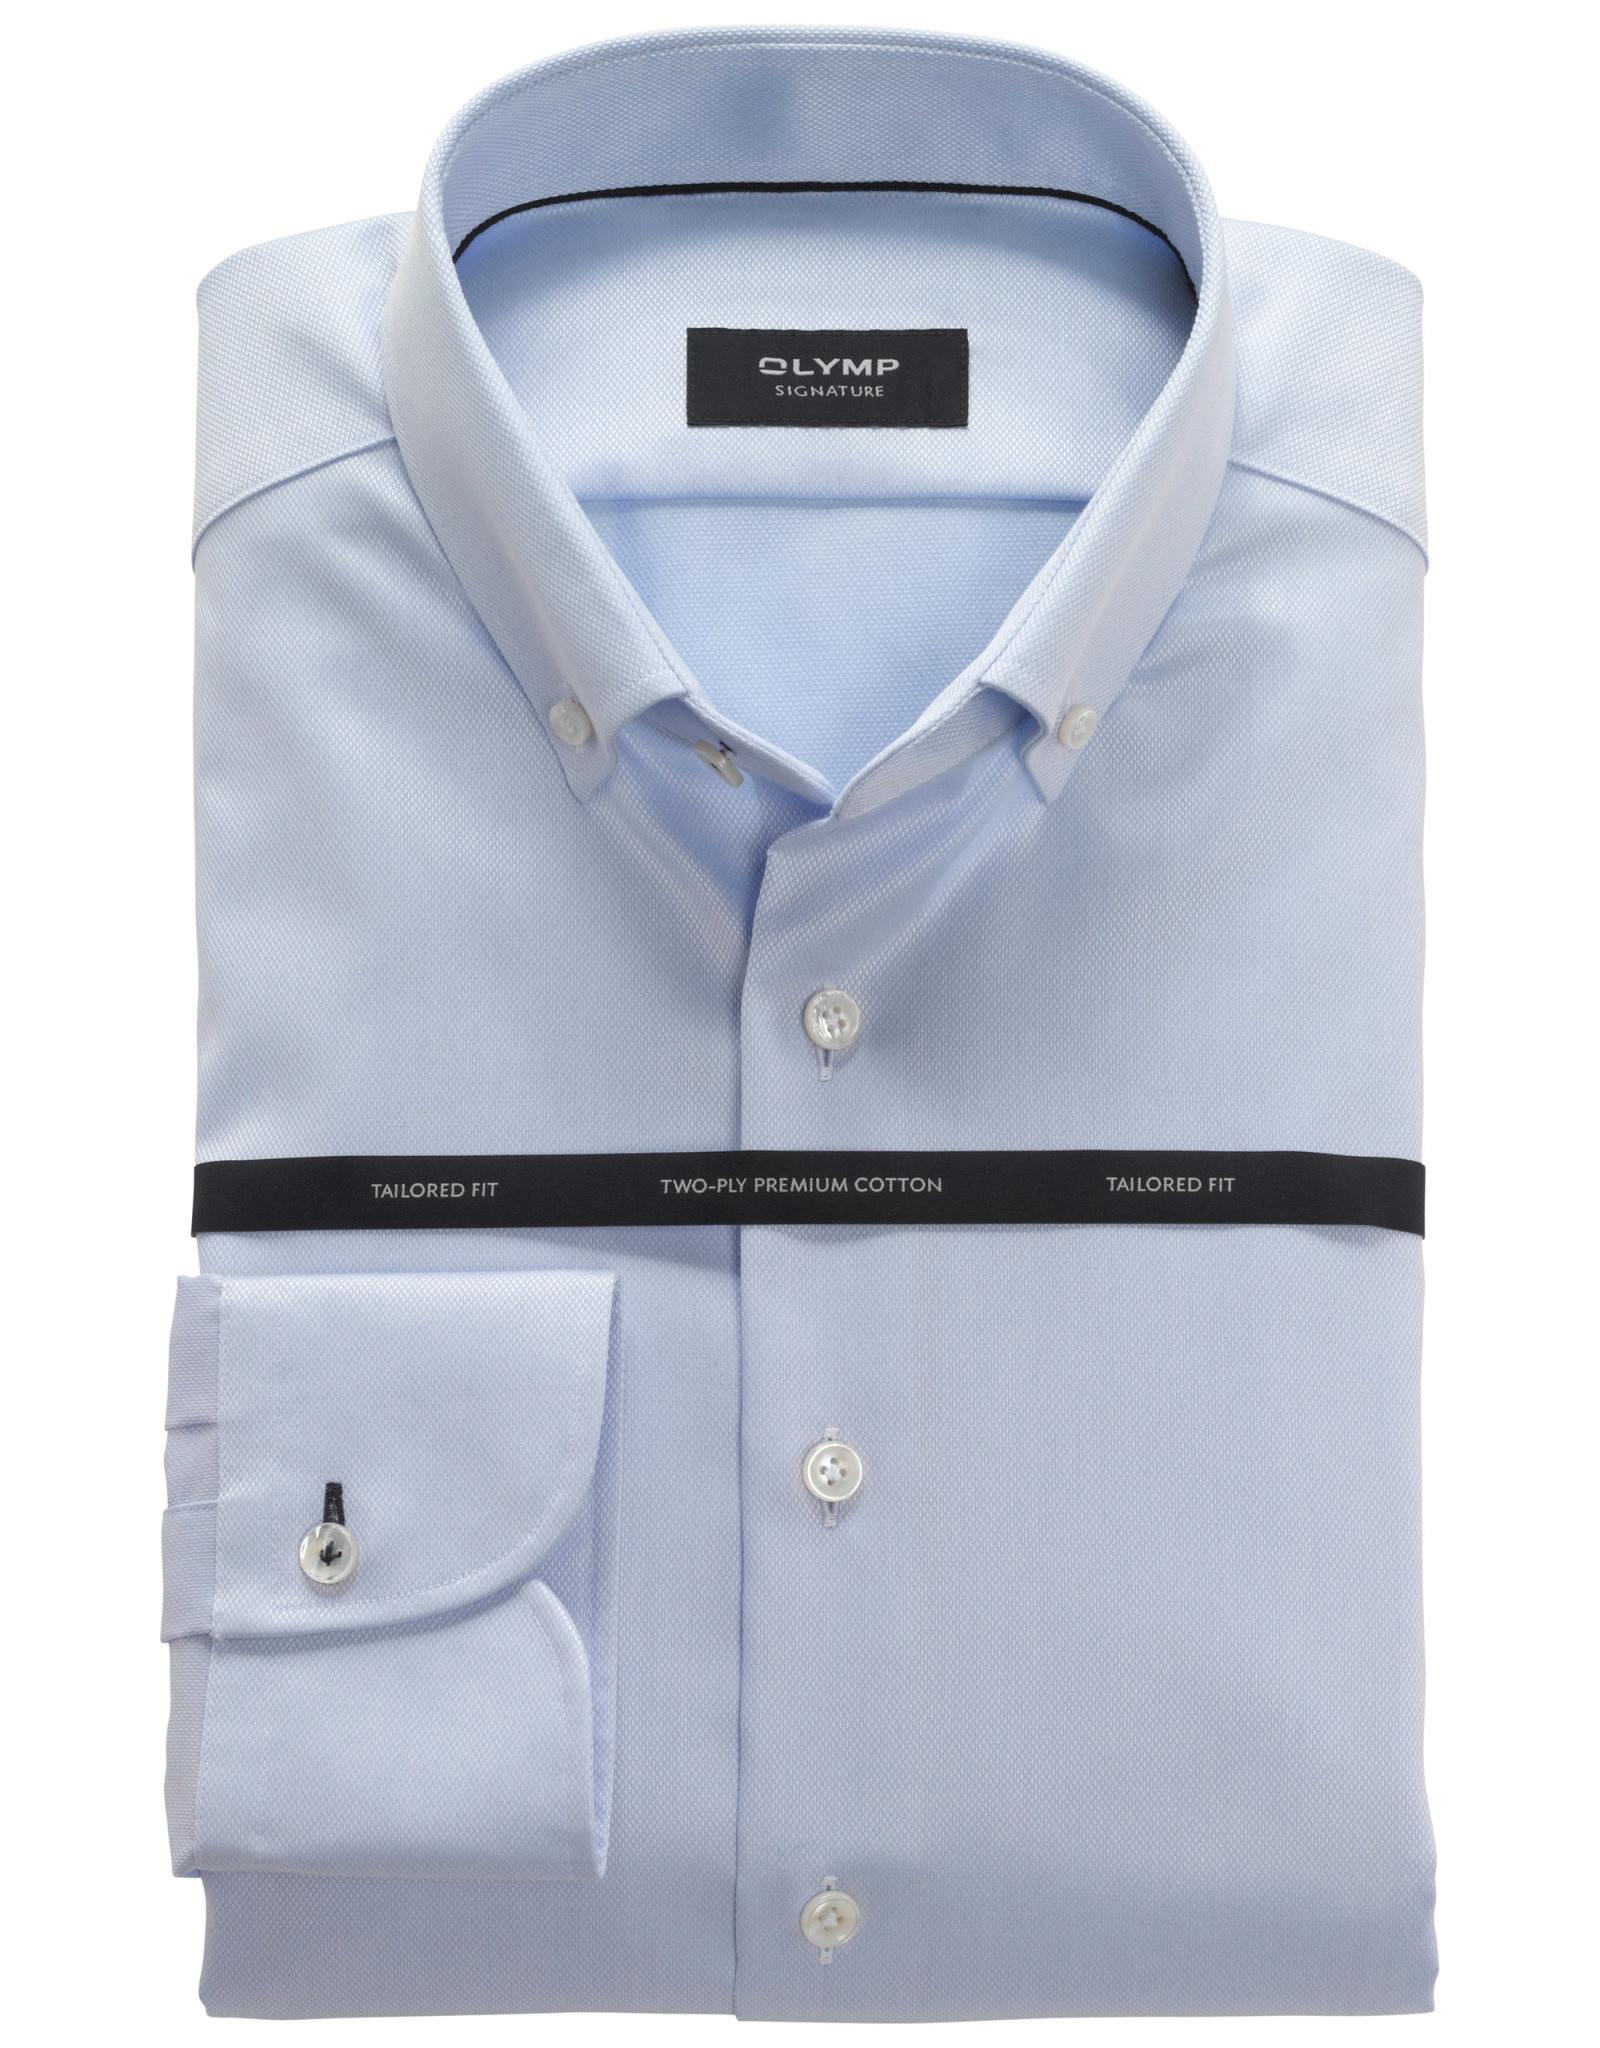 Olymp Signature overhemd lichtblauw met button down boord